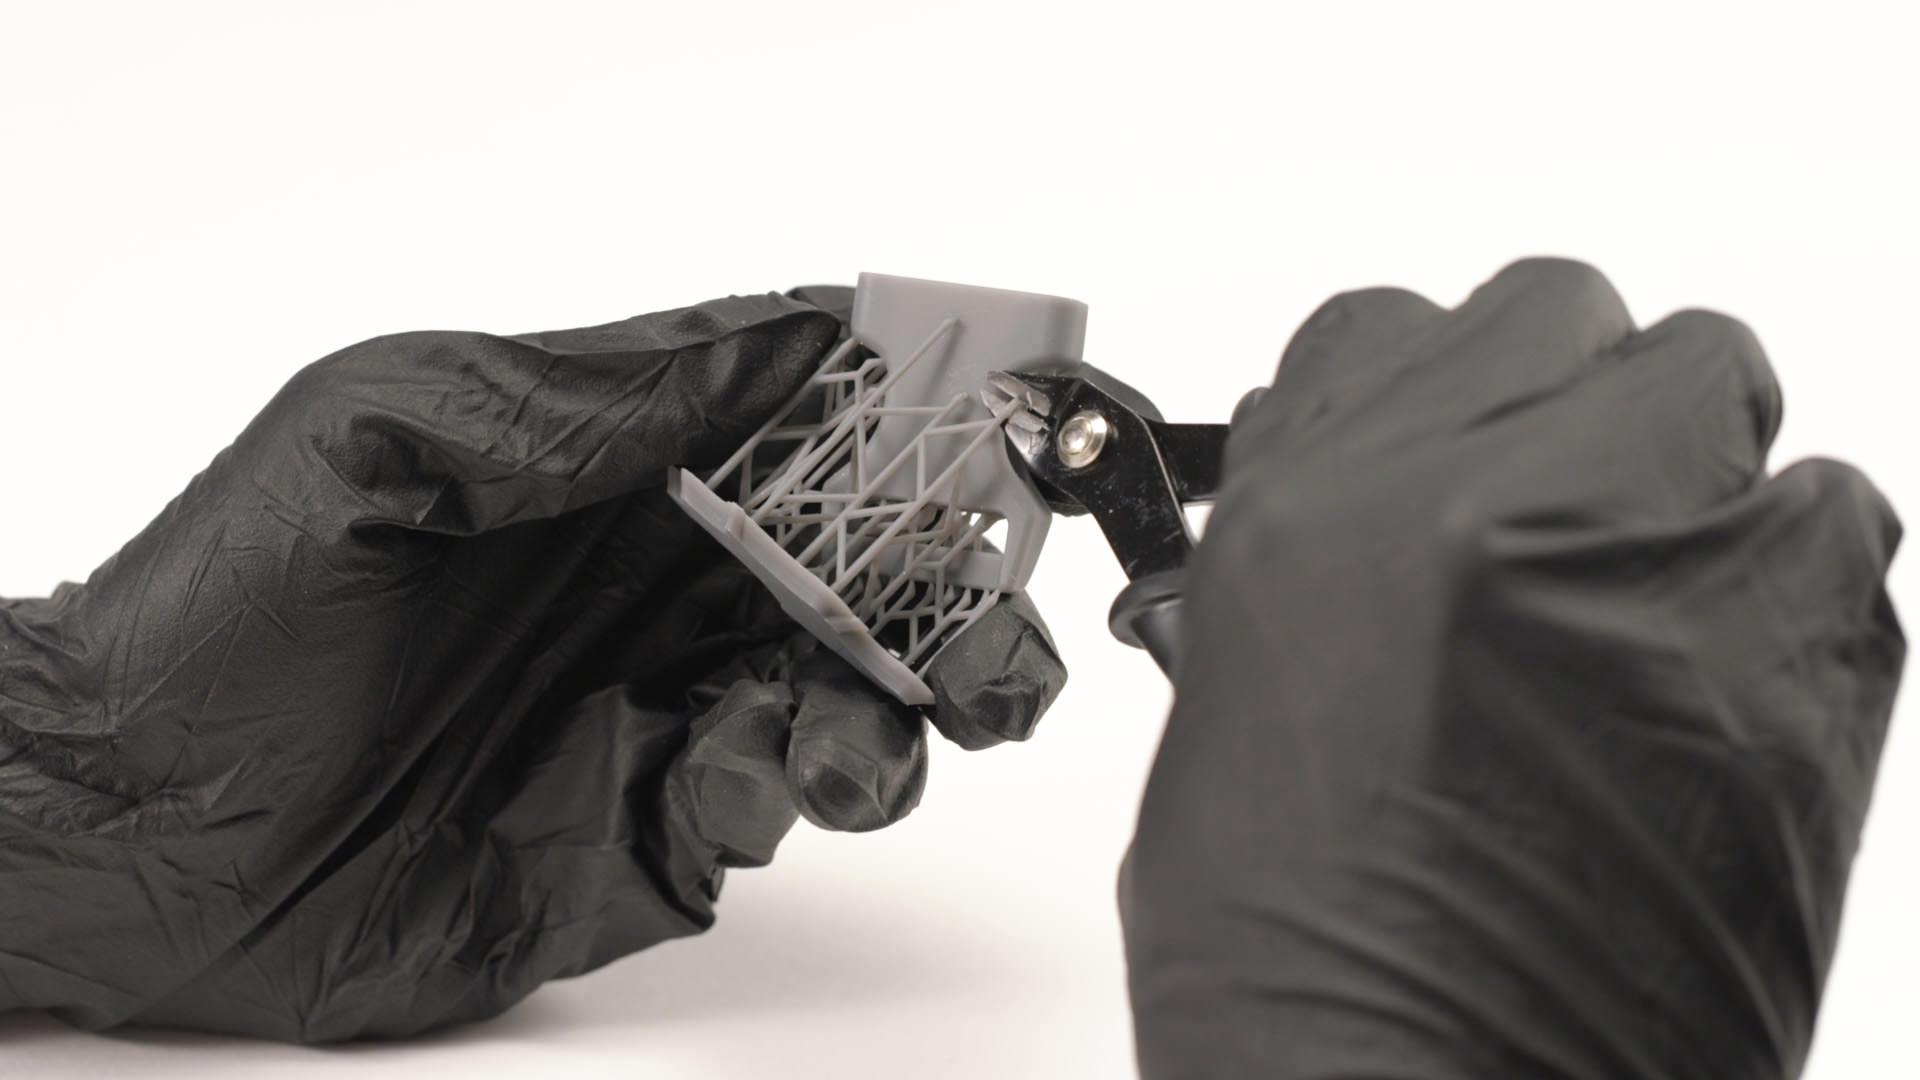 Entfernen Sie die Stützen mit einem Seitenschneider und schleifen Sie die verbleibenden Stützspuren sauber ab.